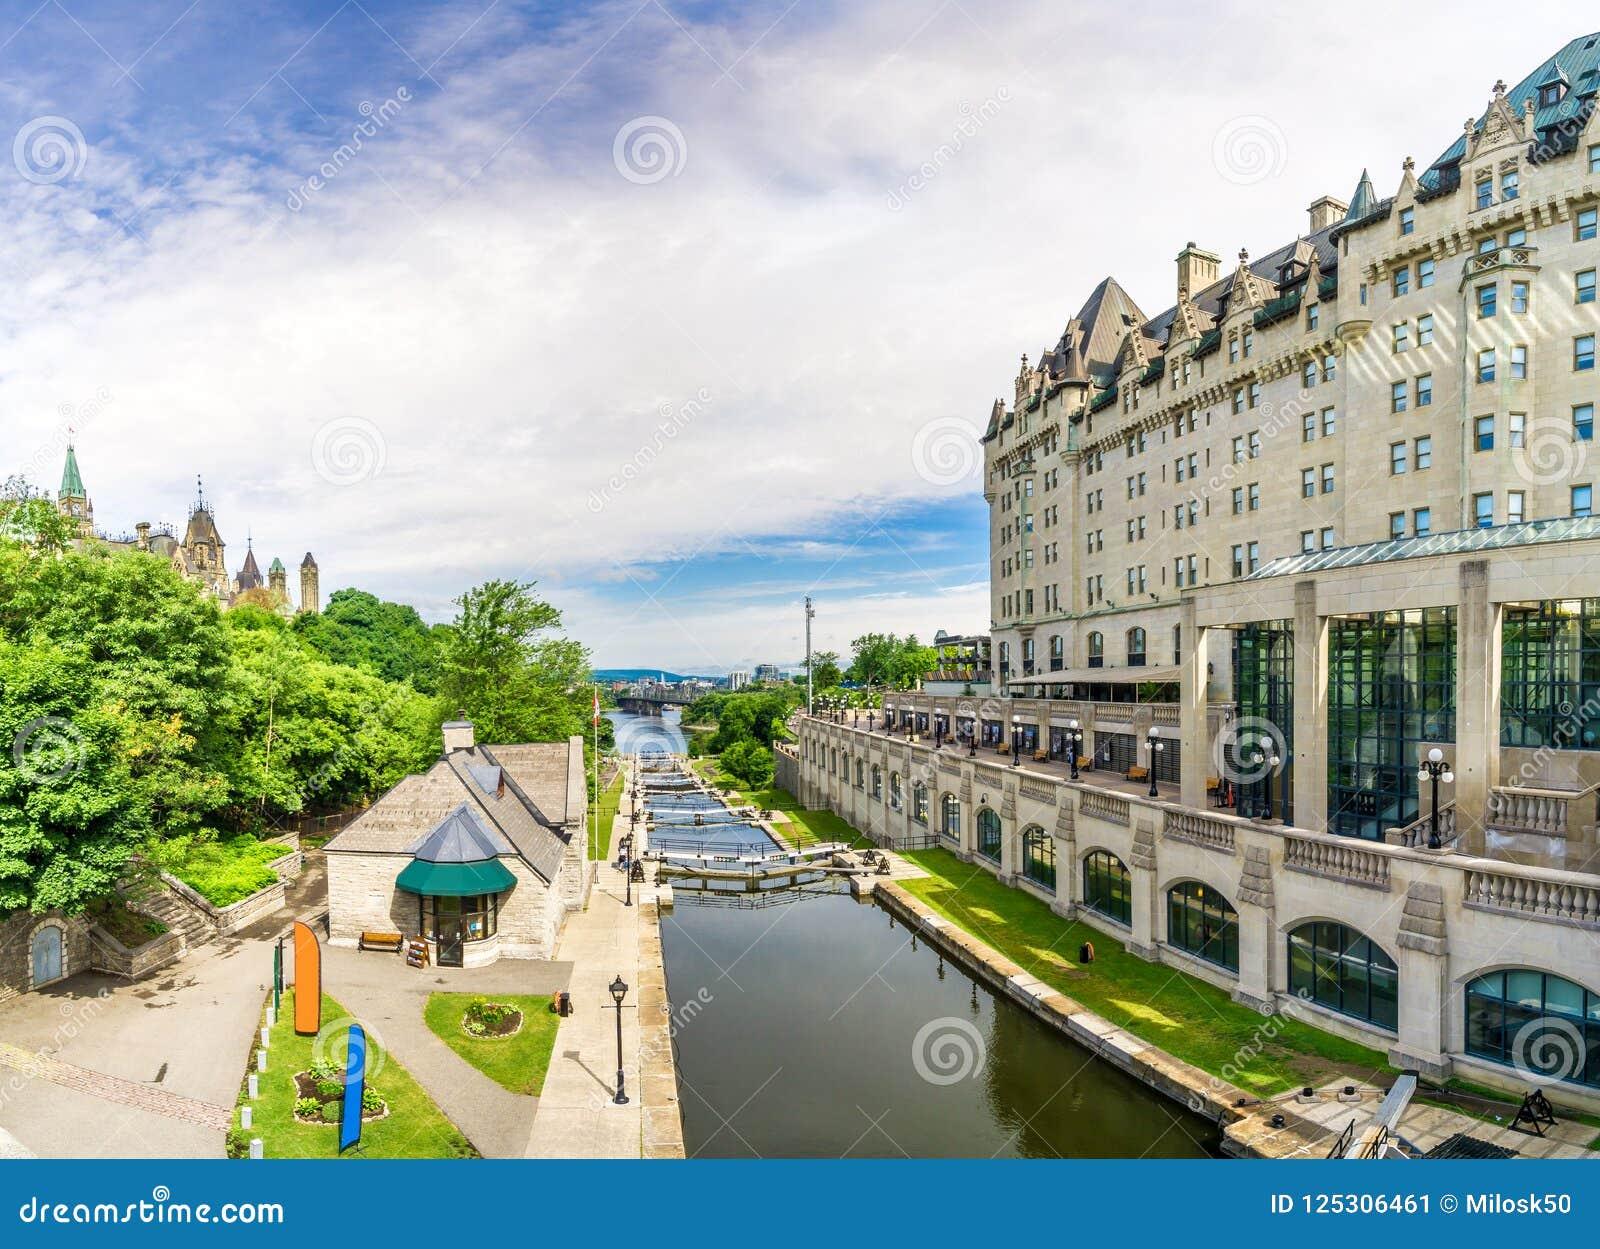 Mening bij het Rideau-Kanaal in Ottawa - Canada